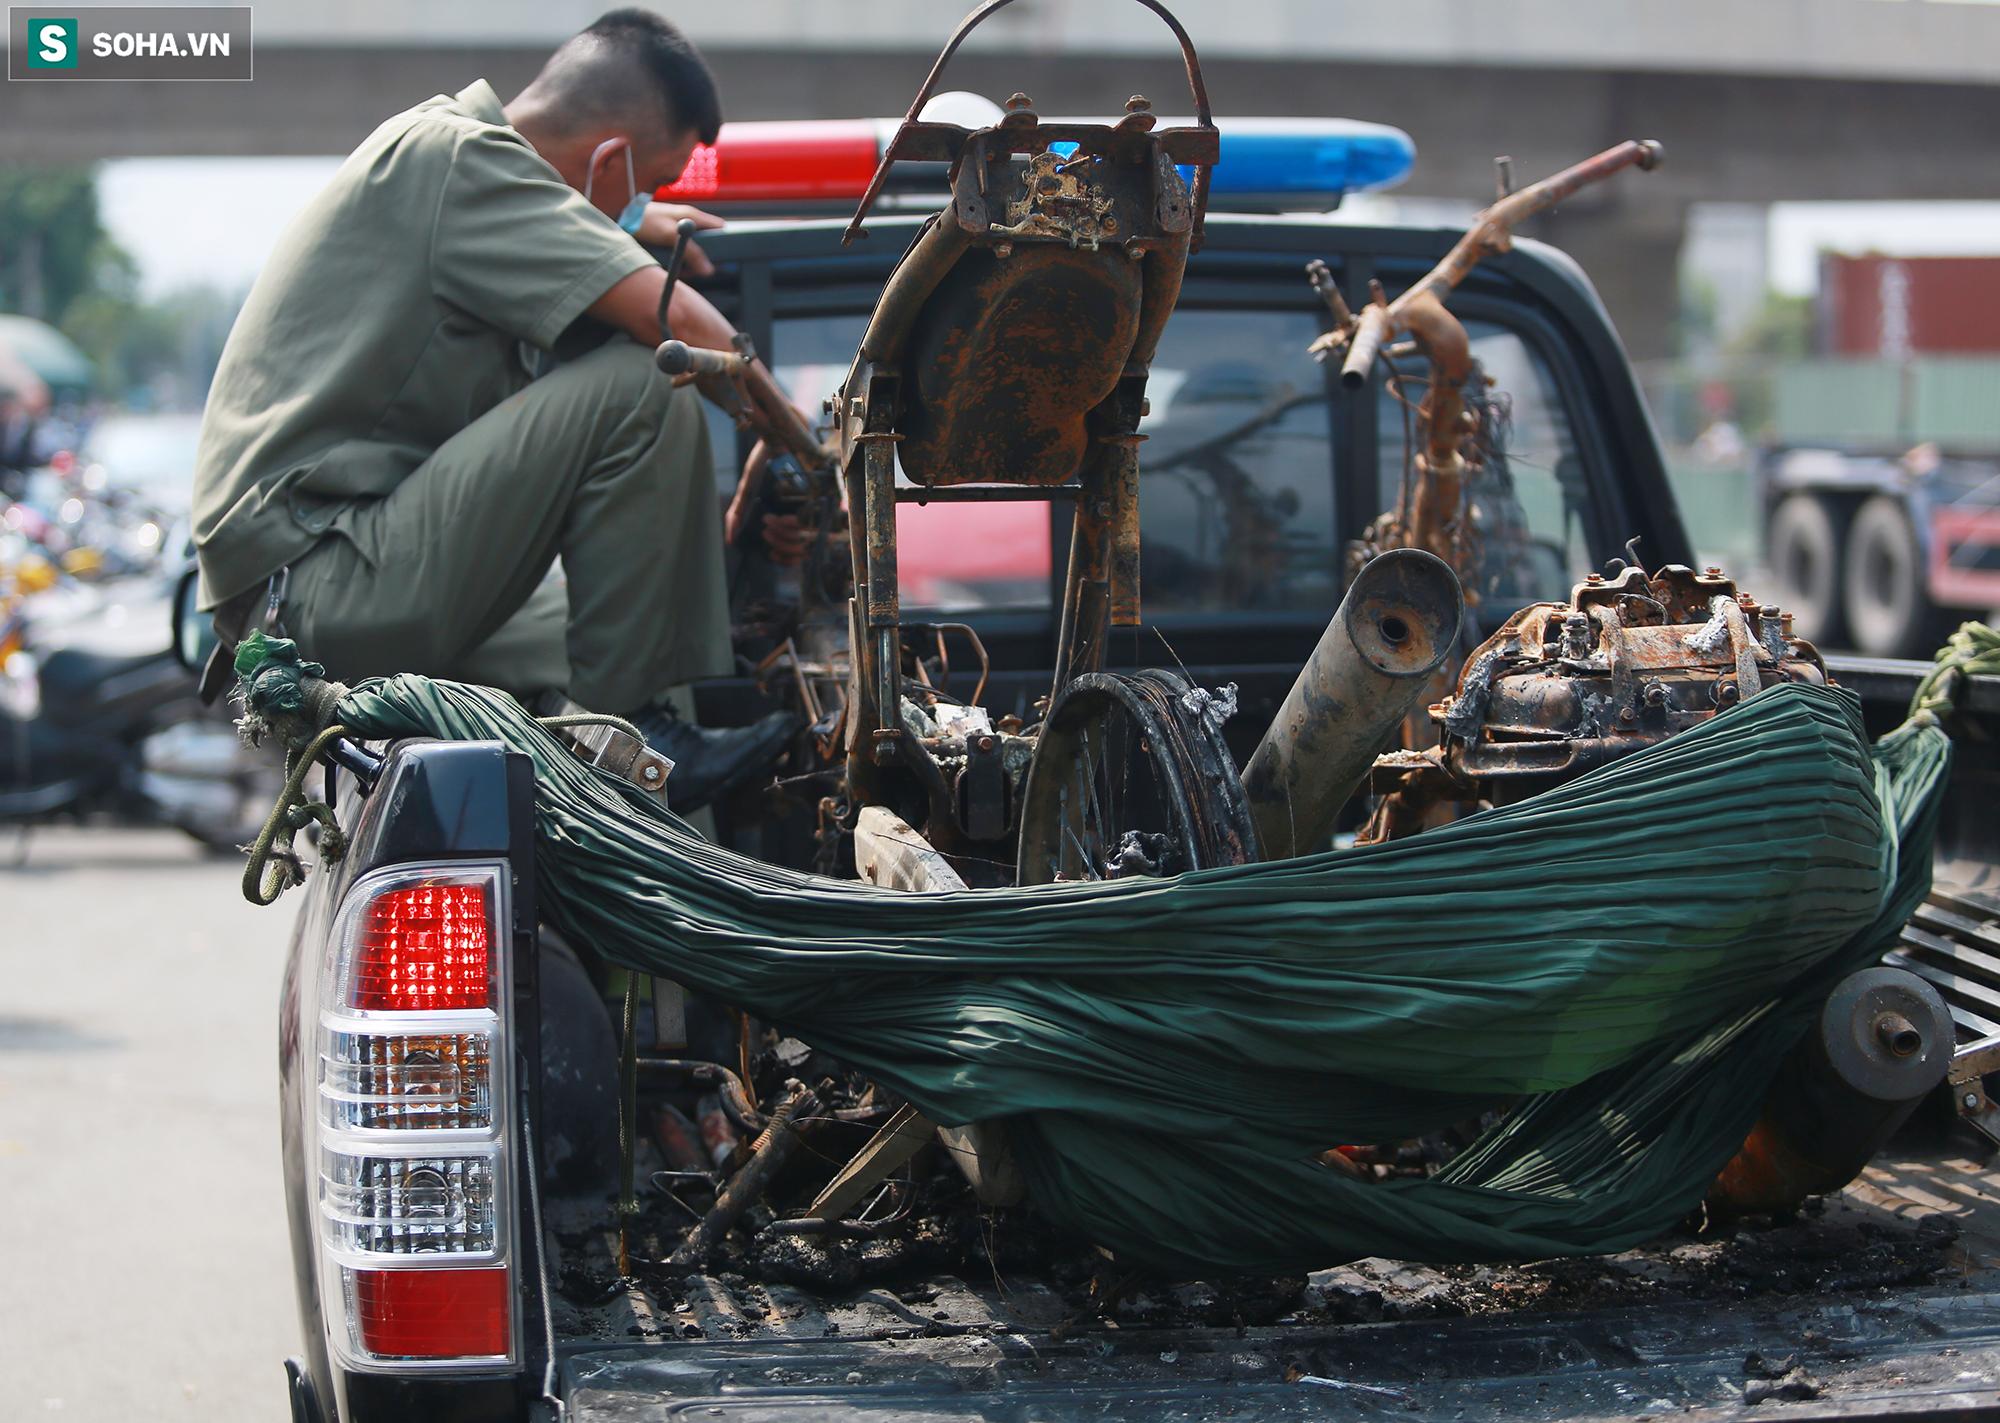 Xót xa hình ảnh còn lại sau đám cháy khiến 6 người trong một gia đình tử vong ở TP.Thủ Đức - Ảnh 10.